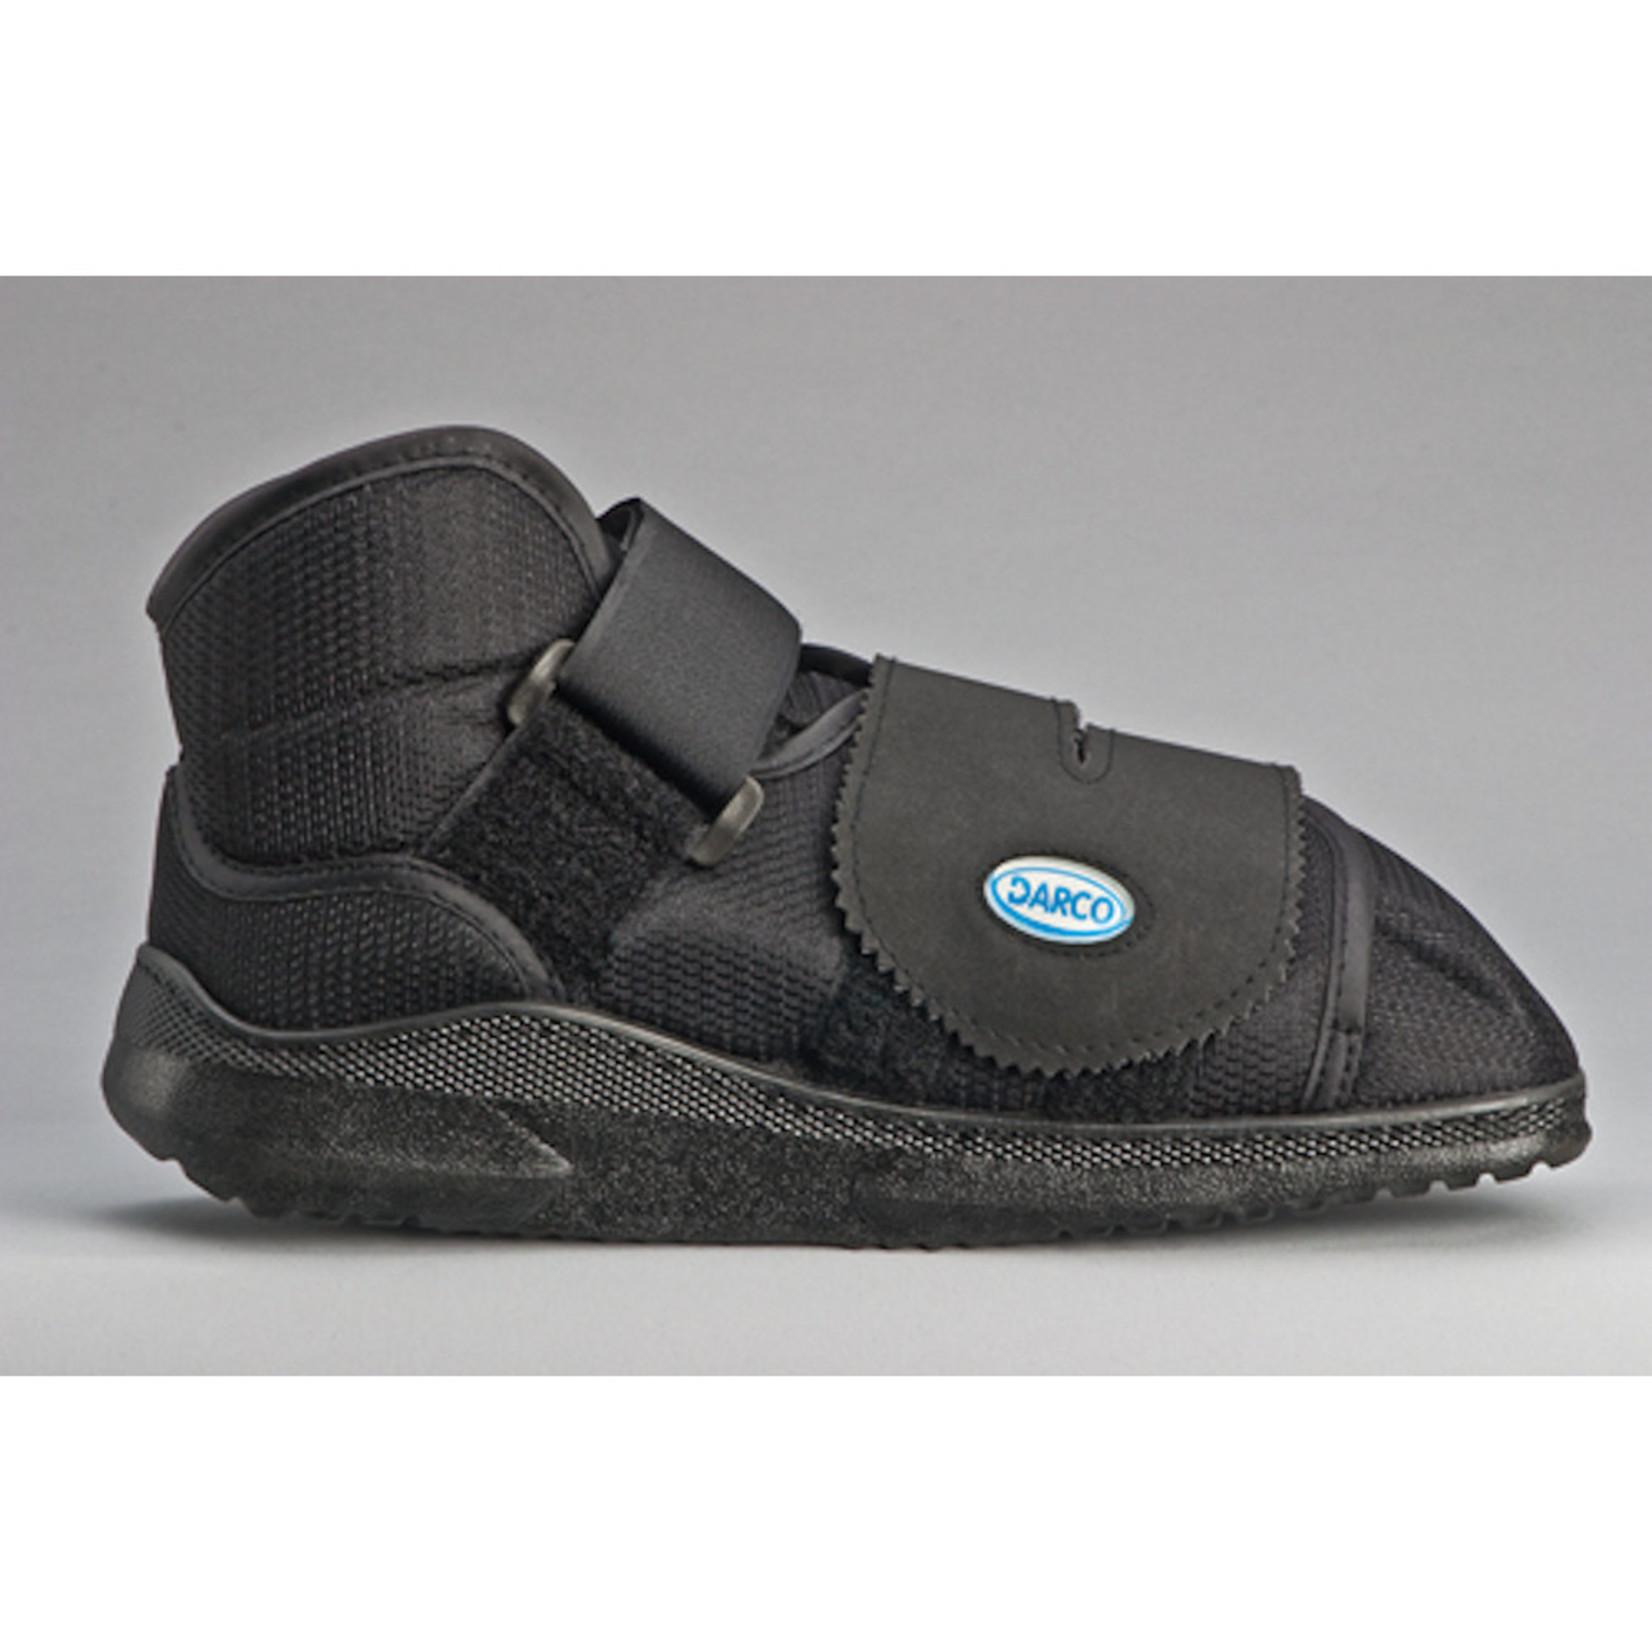 Darco All Purpose Shoe - Medium